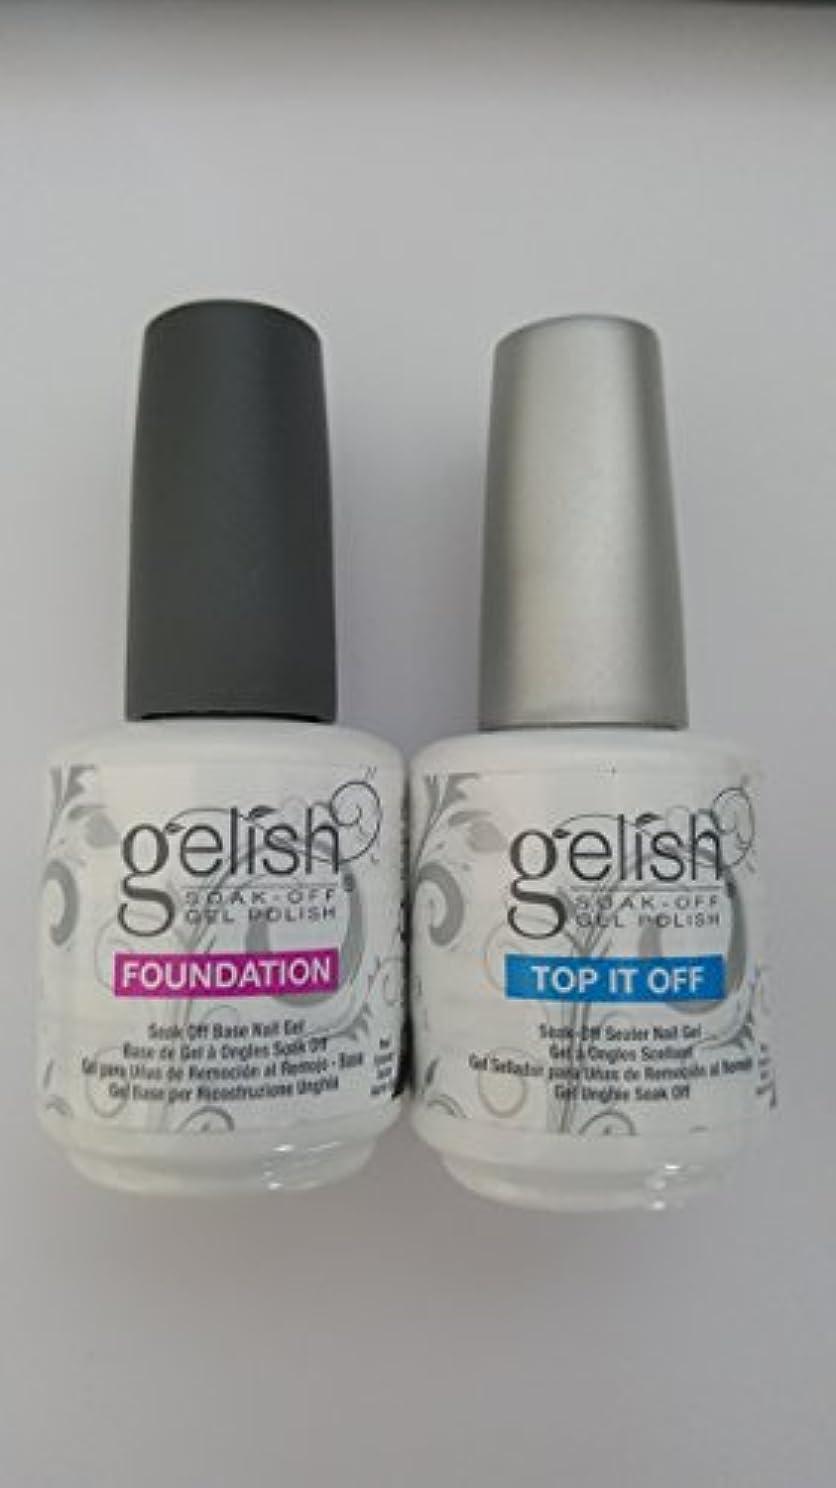 ポジティブ顕微鏡縁石HARMONY gelish Top it Off/Foundation( ハーモニー ジェリッシュ ファンデーション ベースジェル &シーラージェル) (15ml)2点セット